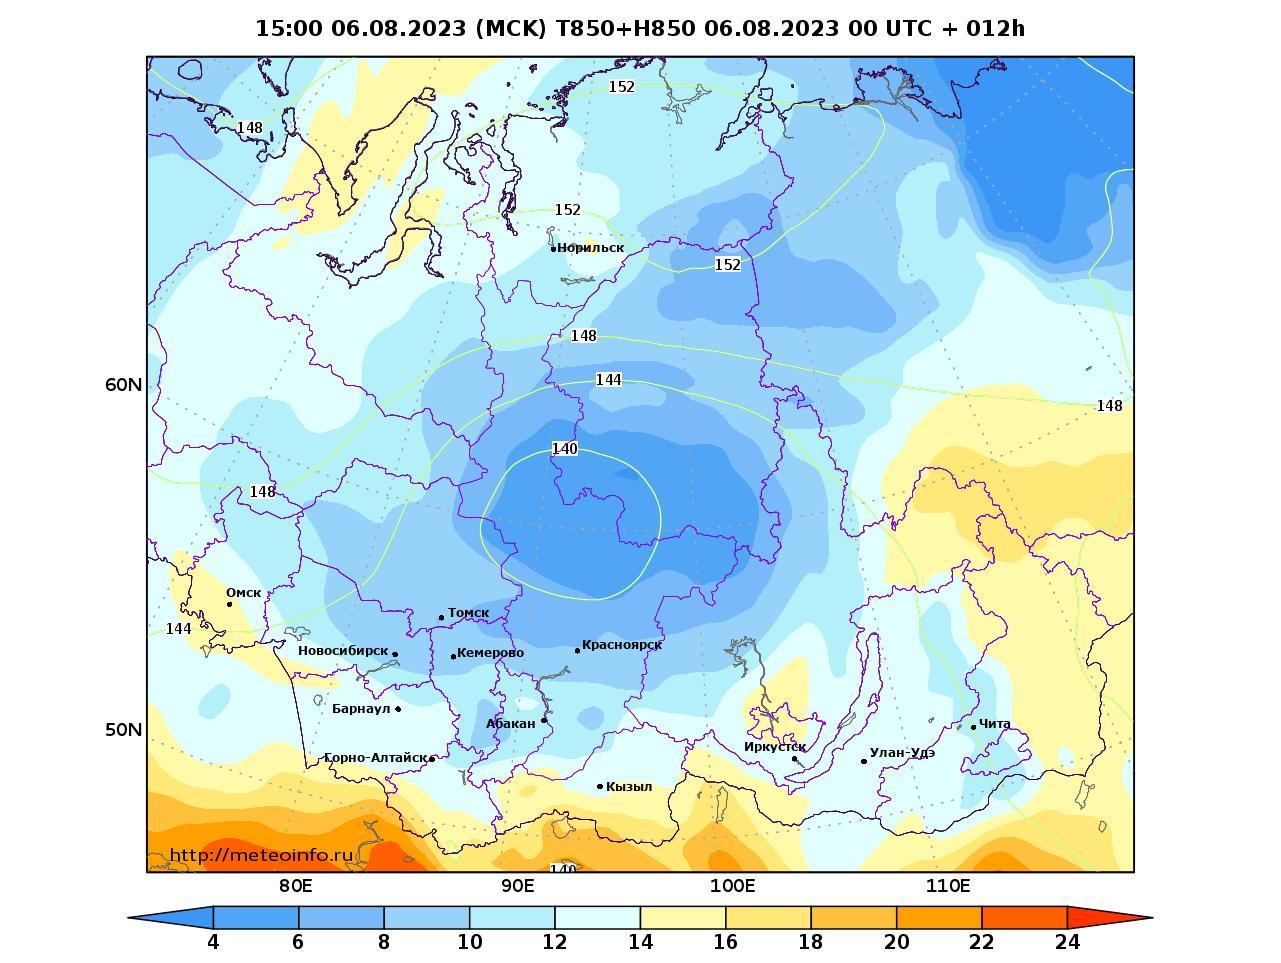 Сибирский Федеральный округ, прогностическая карта температура T850 и геопотенциал H850, заблаговременность прогноза 12 часов